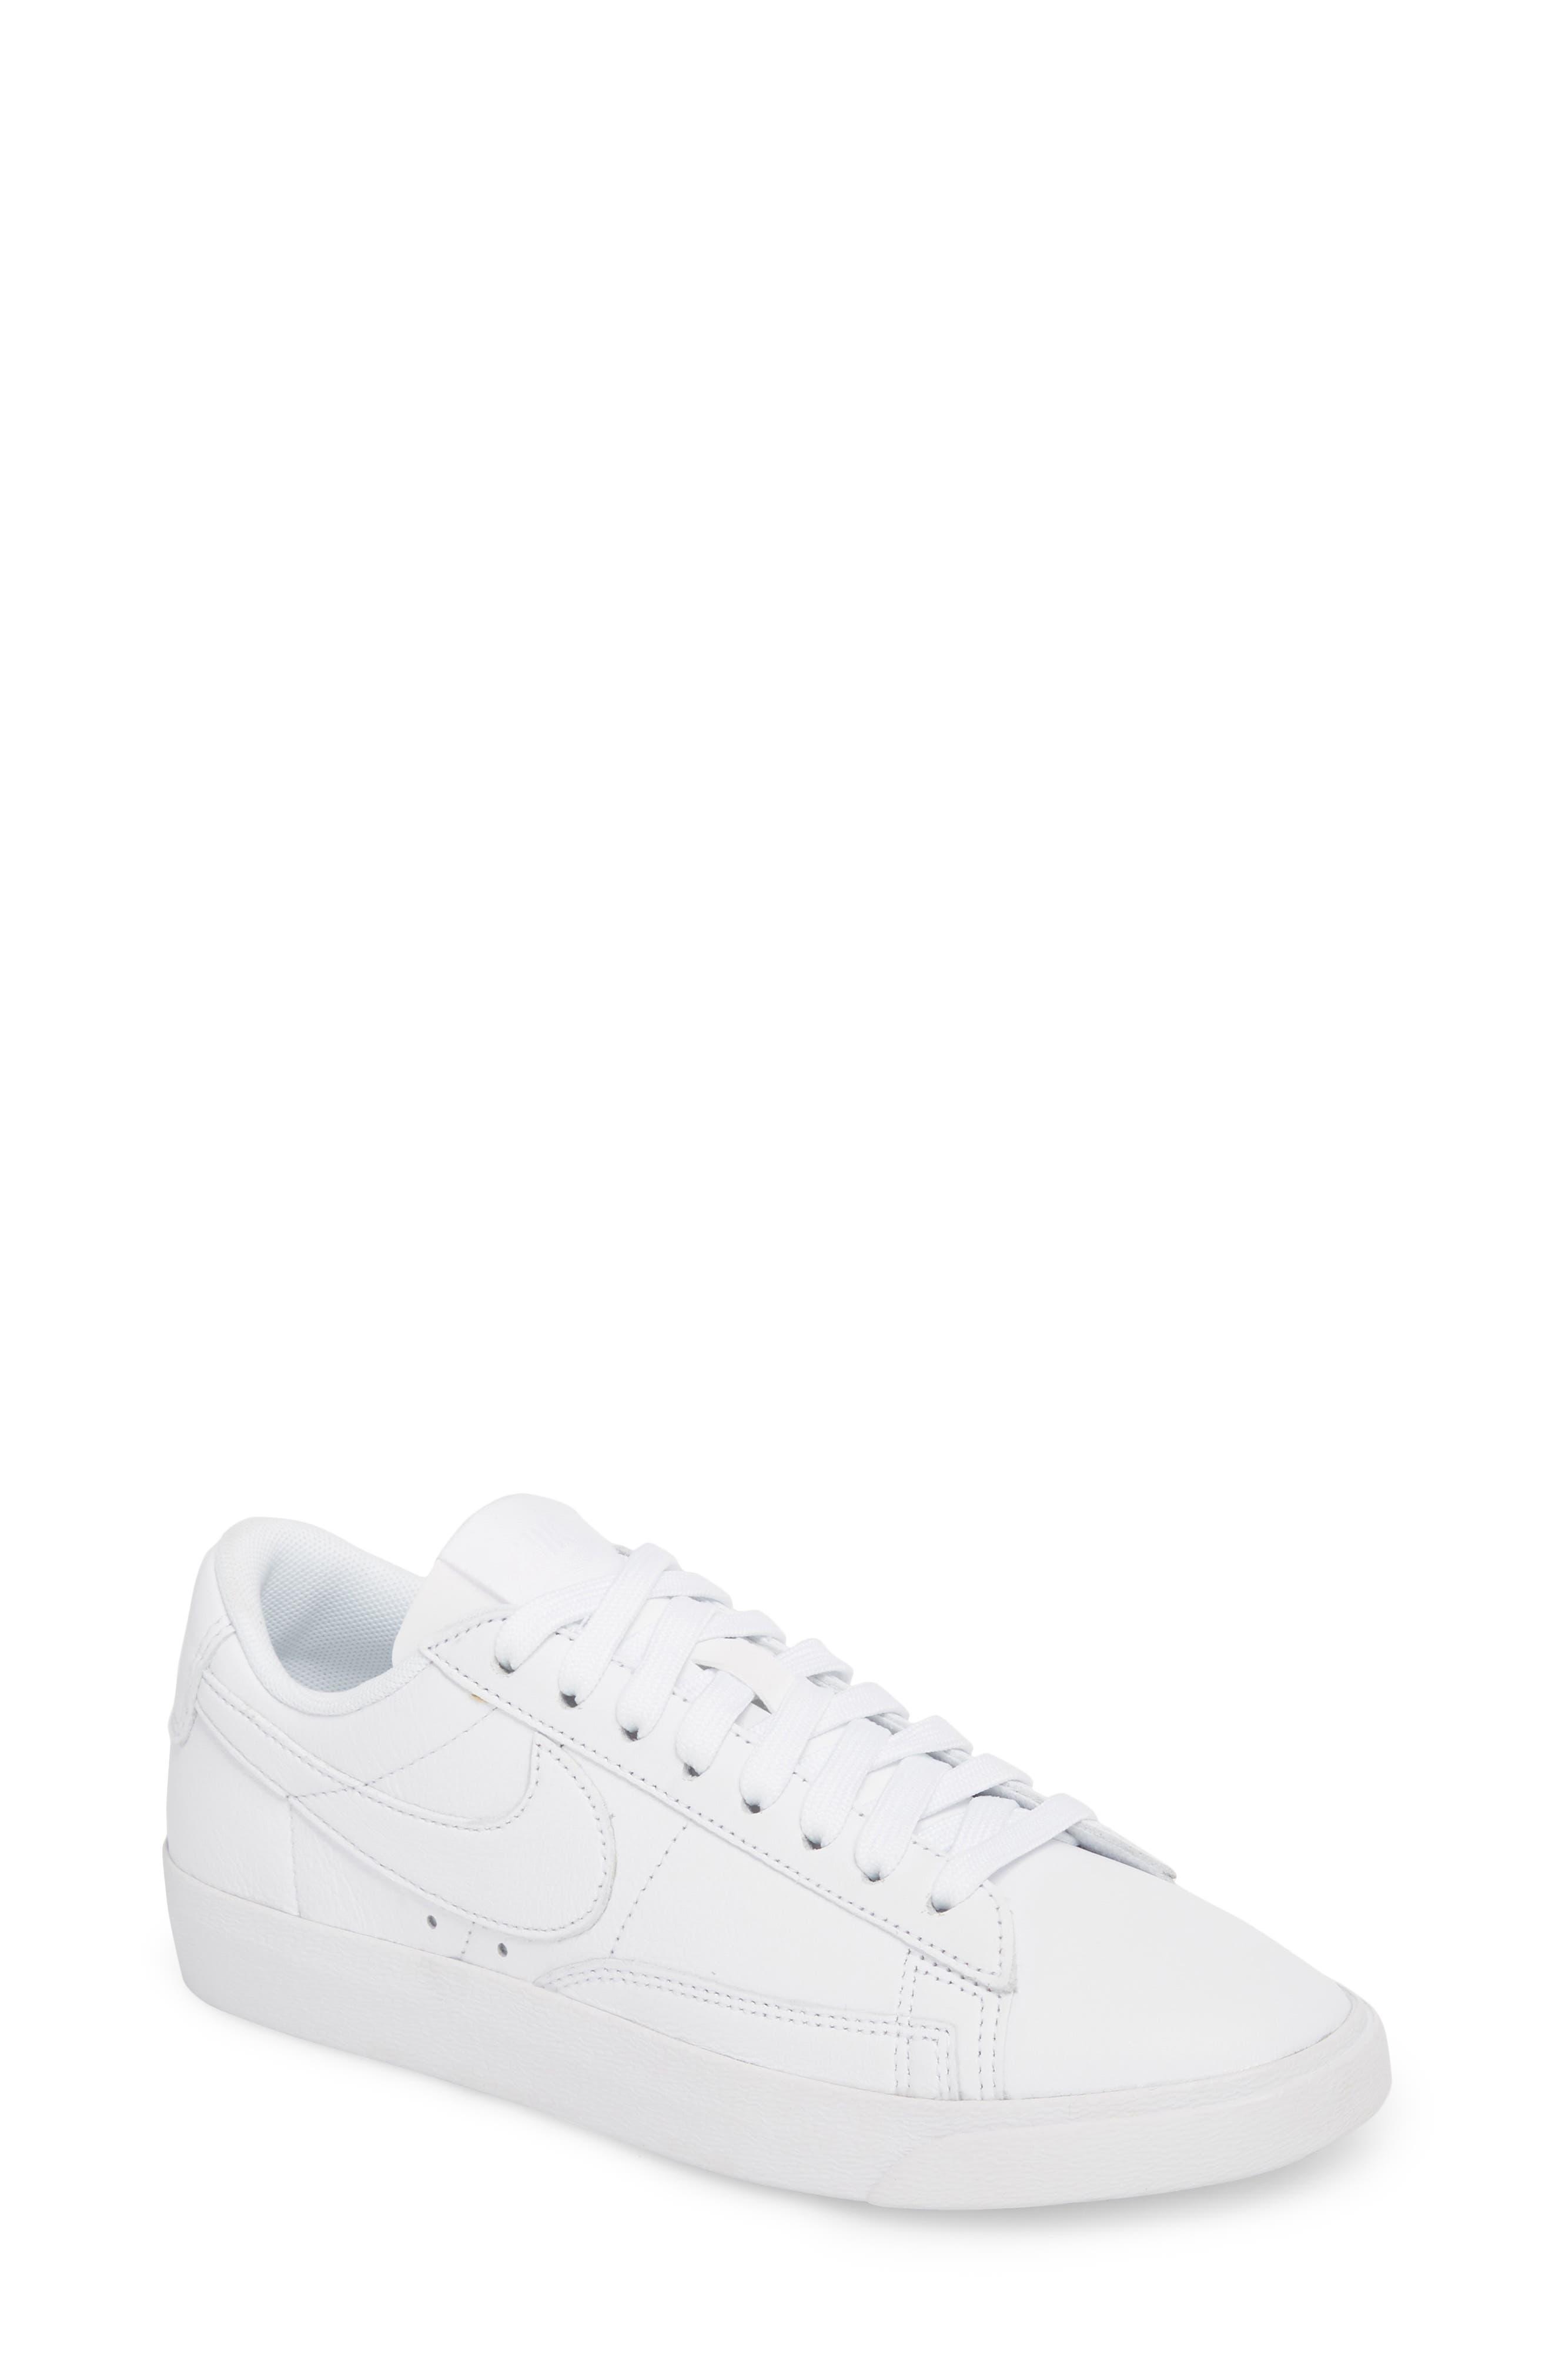 Blazer Low LE Sneaker,                             Main thumbnail 1, color,                             104